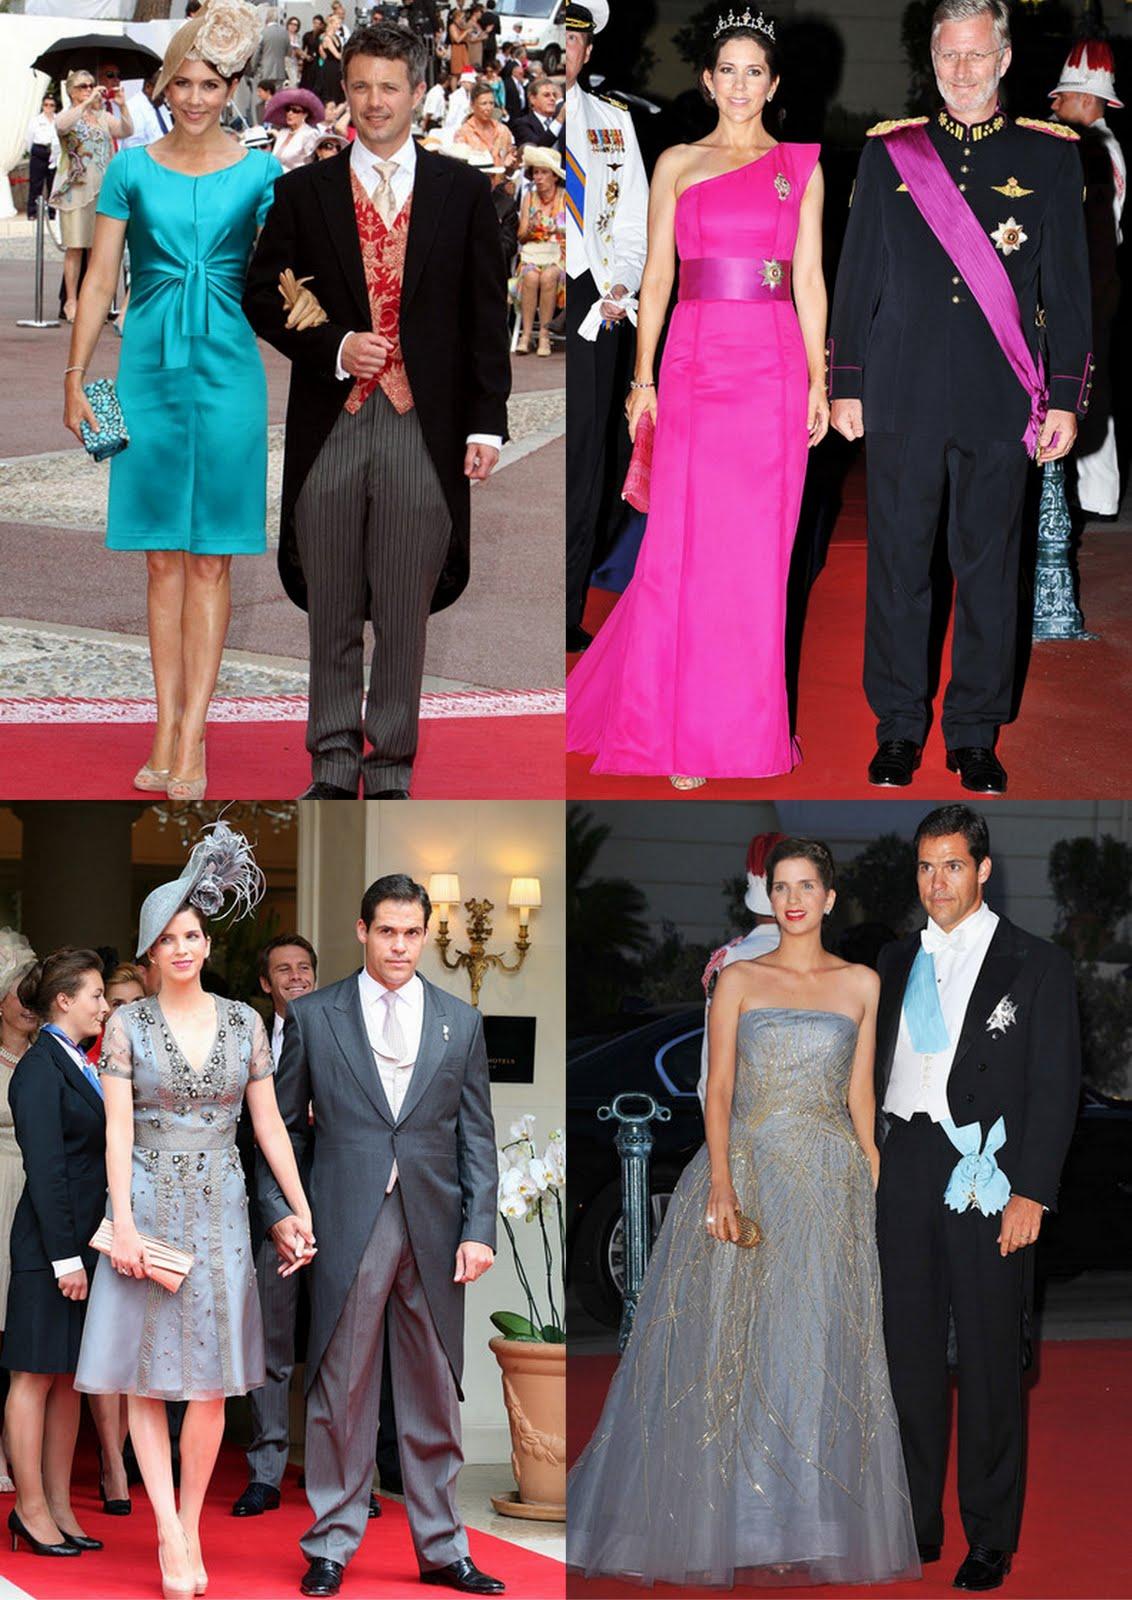 http://1.bp.blogspot.com/-4-O7MsCkEnY/ThB1RmVl_sI/AAAAAAAAA2o/AgoxRlcIt8c/s1600/monaco+wedding3.jpg